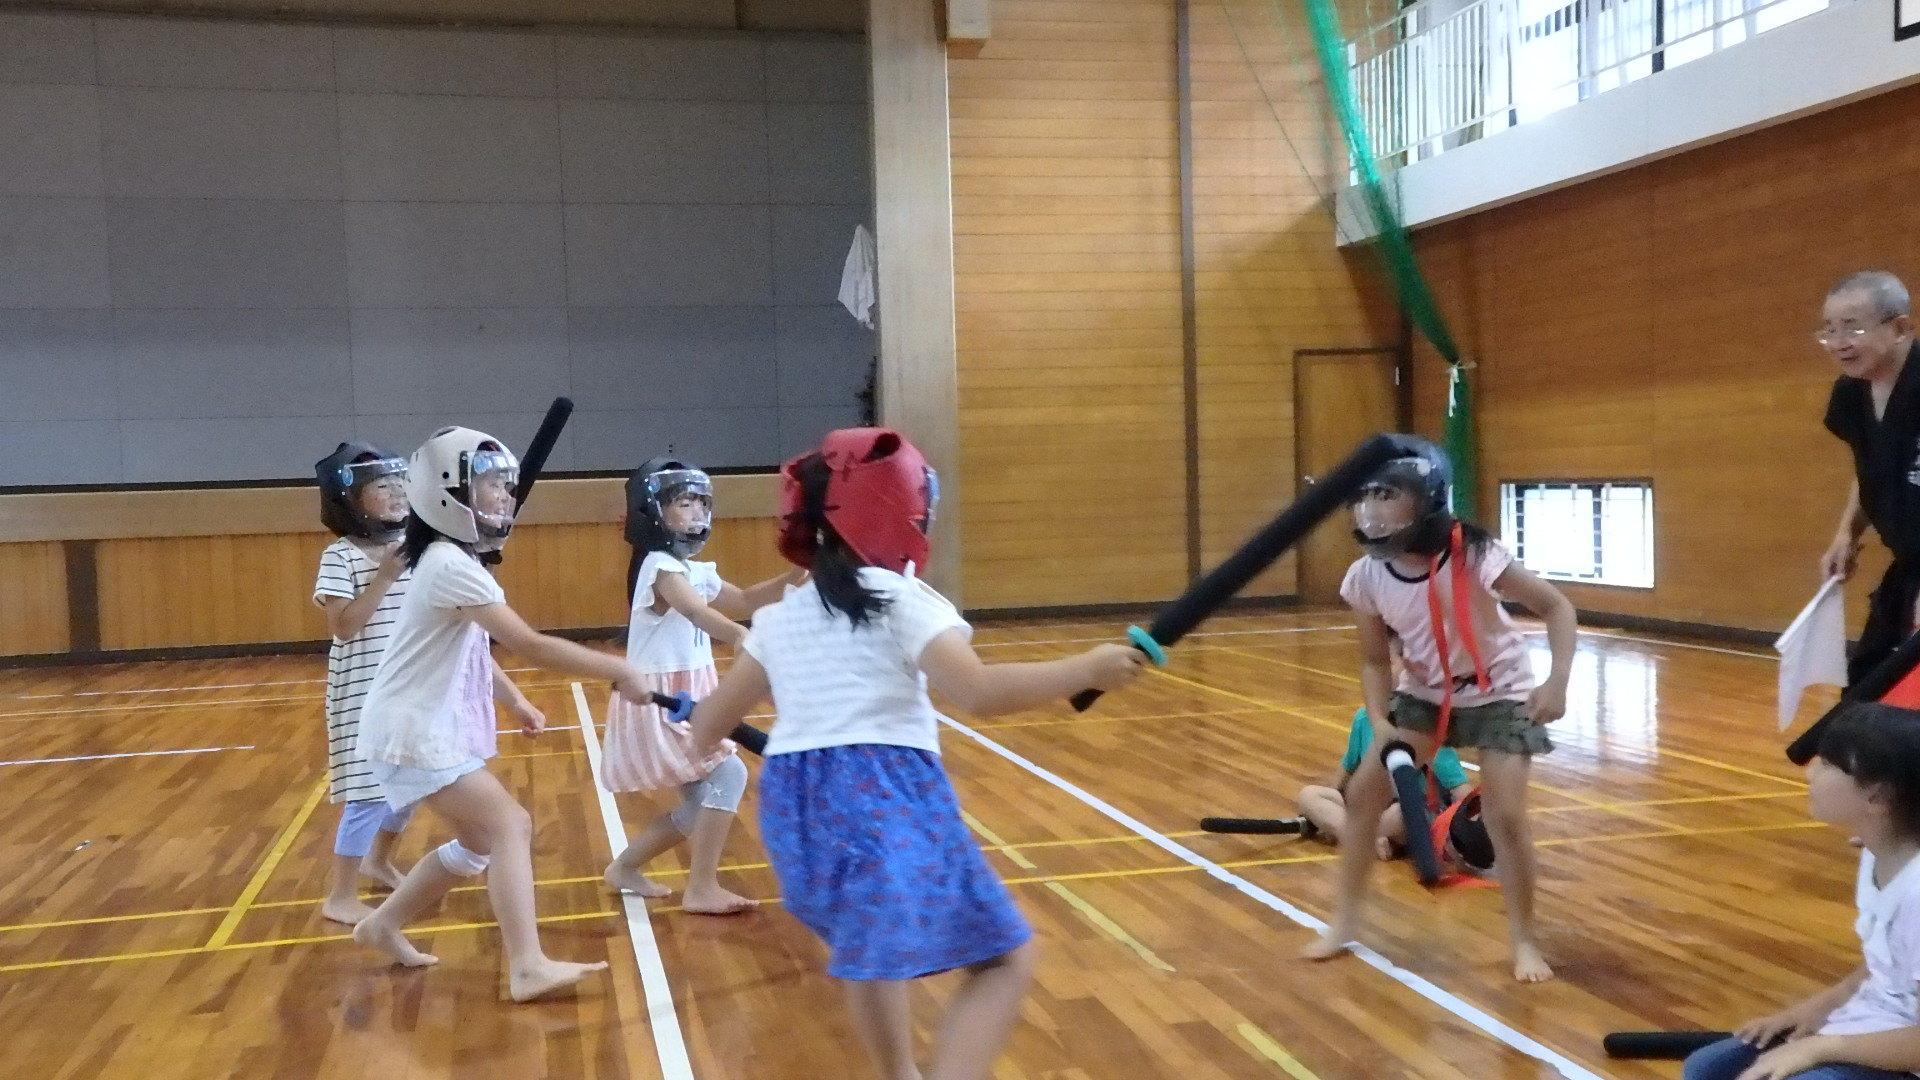 勇ましい剣士誕生!「スポーツチャンバラ + お楽しみ会」_b0239402_17193929.jpg